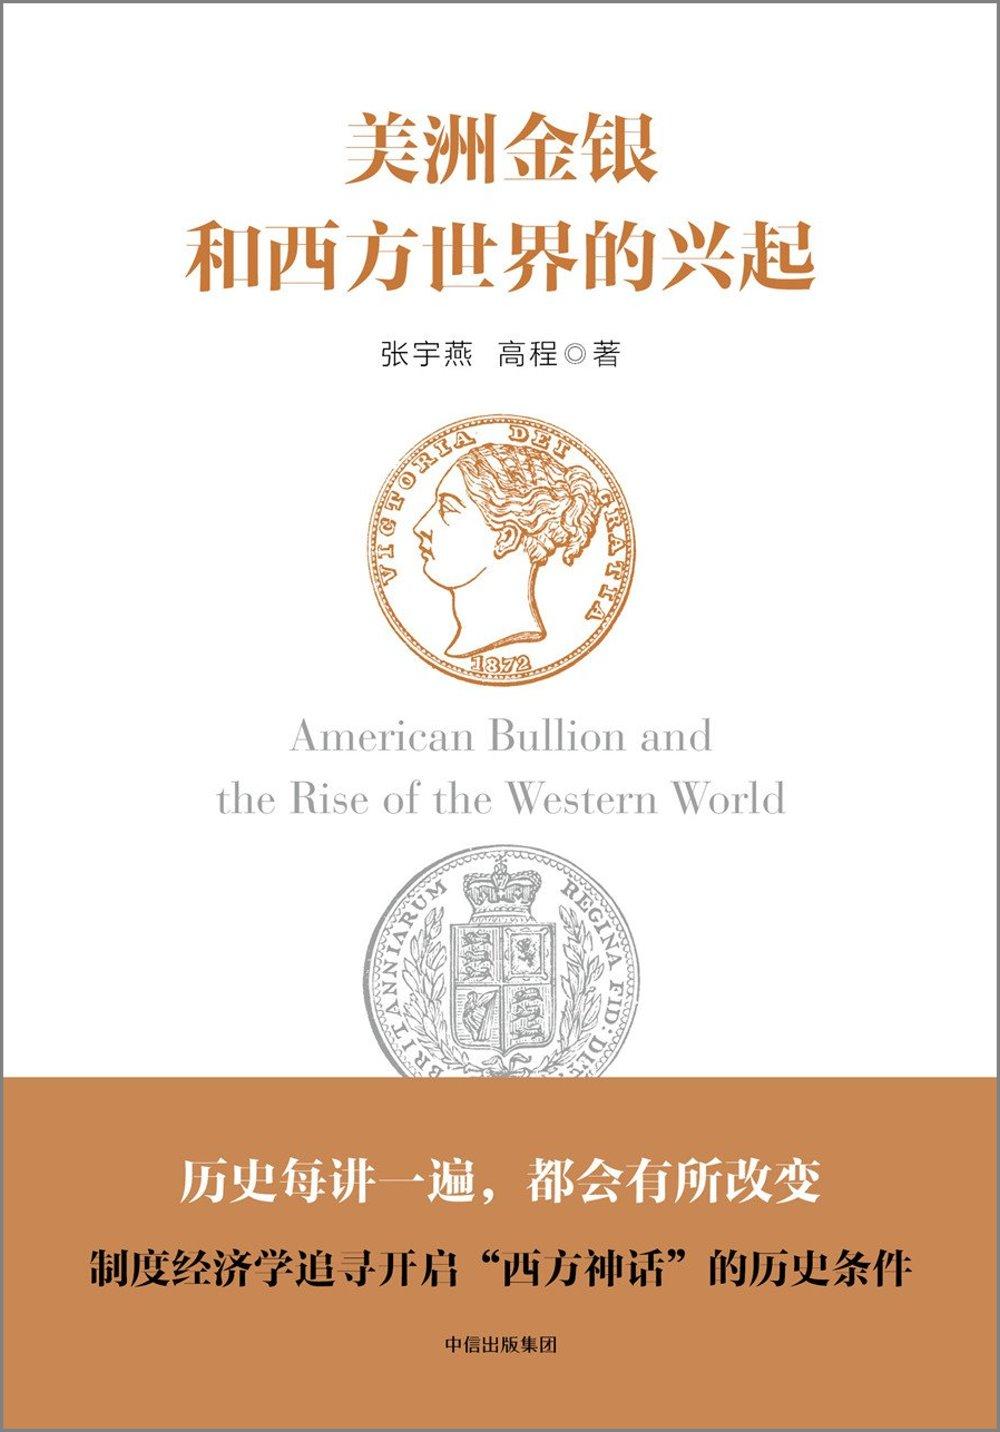 美洲金銀和西方世界的興起